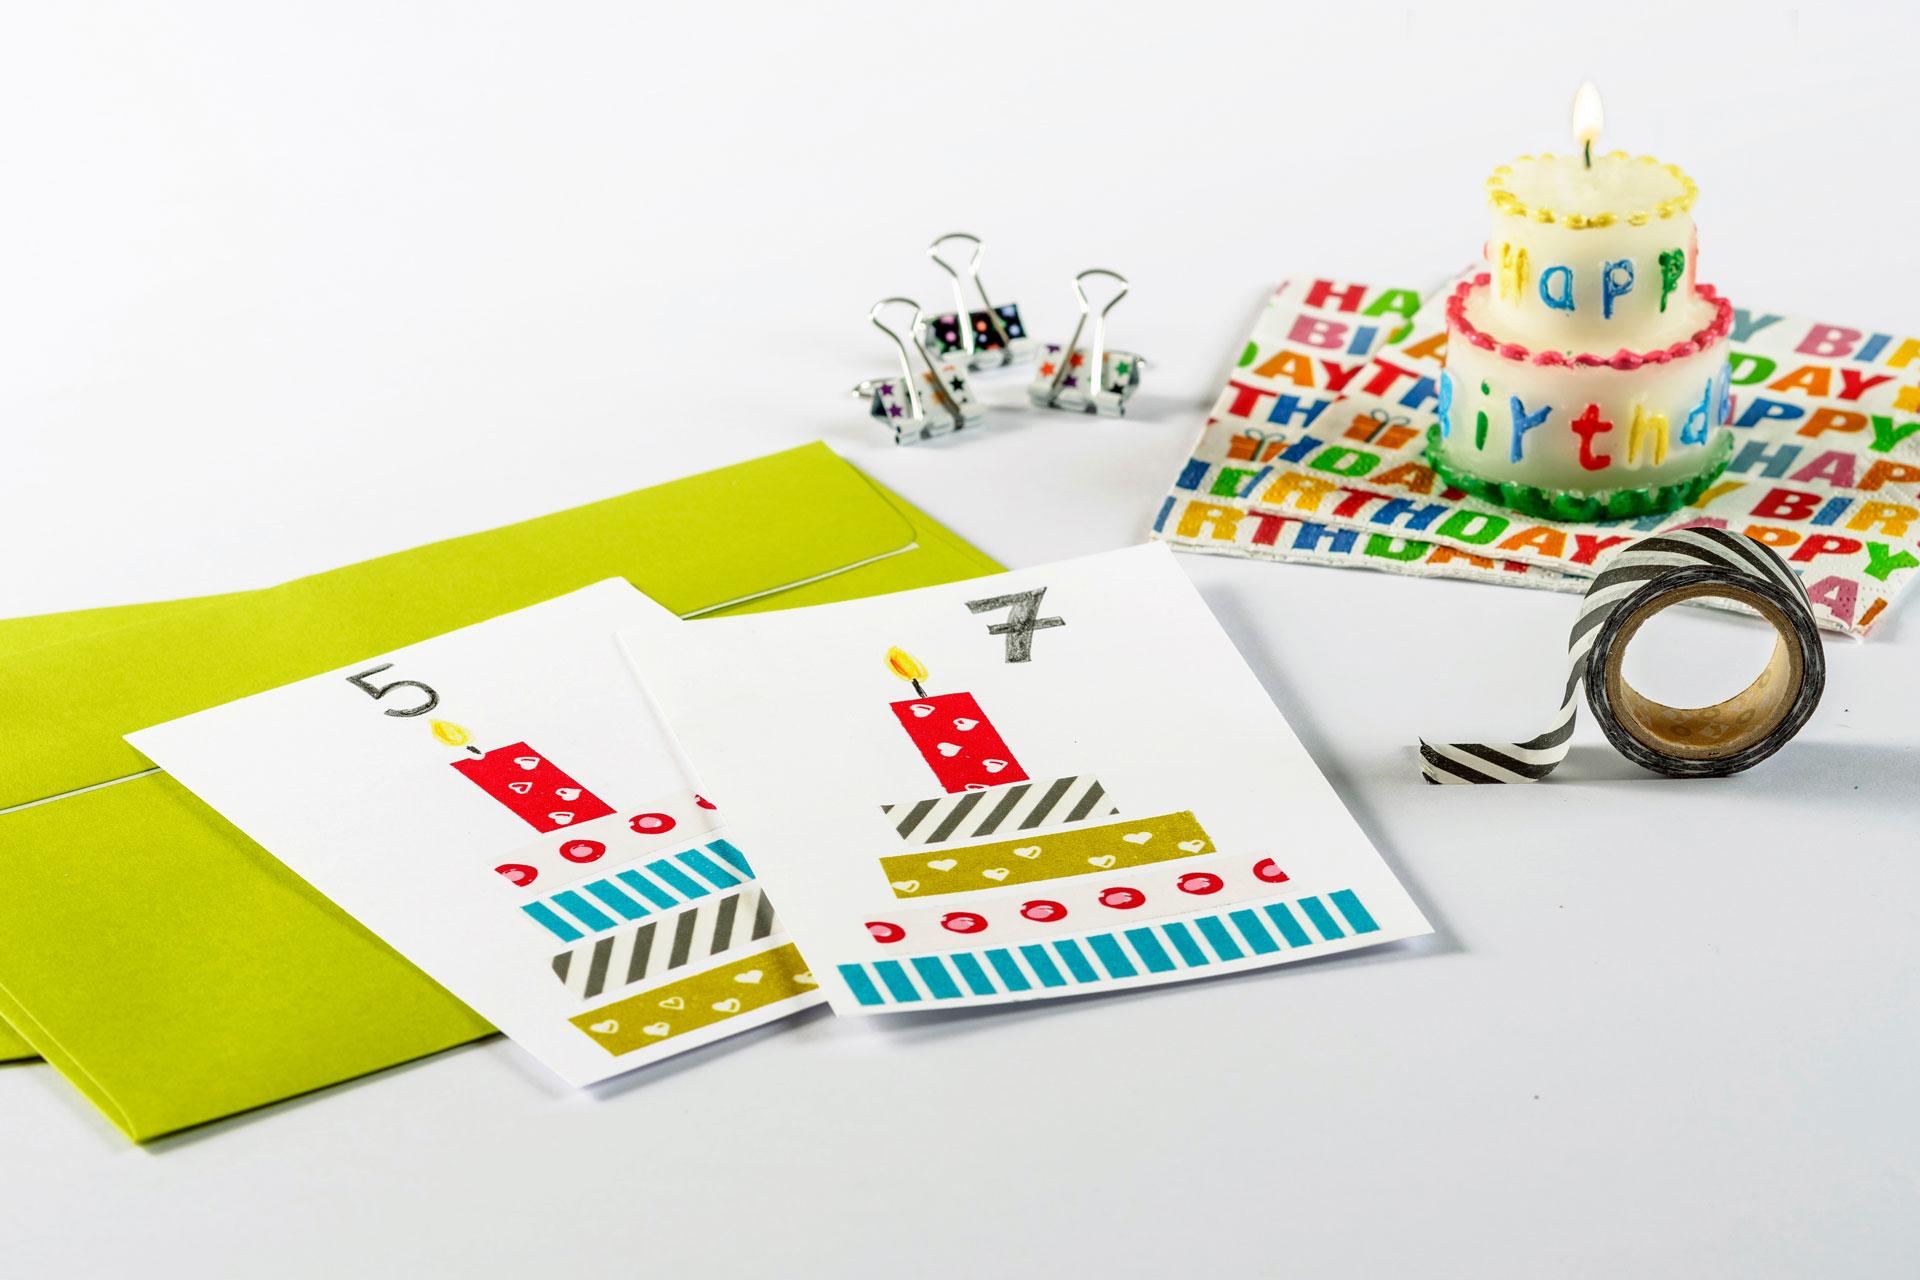 Eine Bastelidee für eine Einladung zum Kindergeburtstag mit hübschen selbst gebastelten Torten